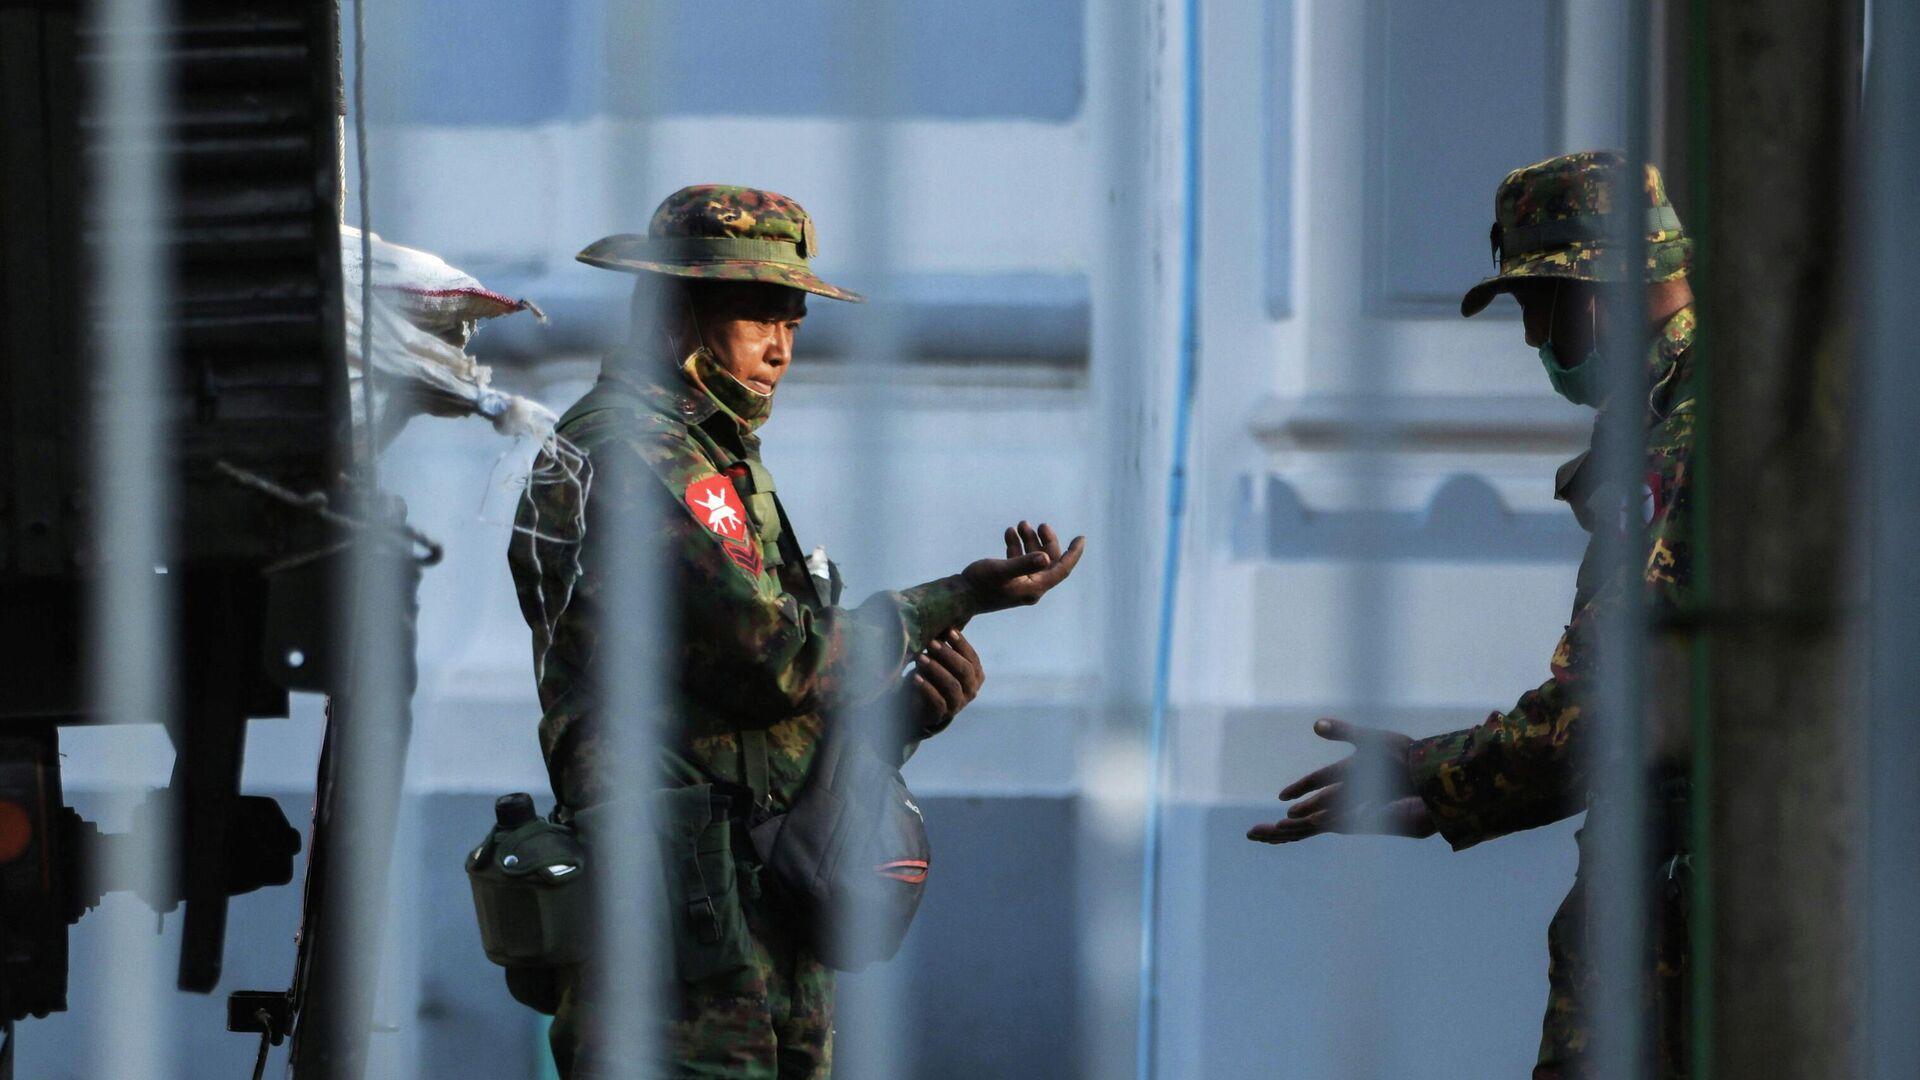 Военные возле мэрии города Янгона, Мьянма - РИА Новости, 1920, 01.02.2021